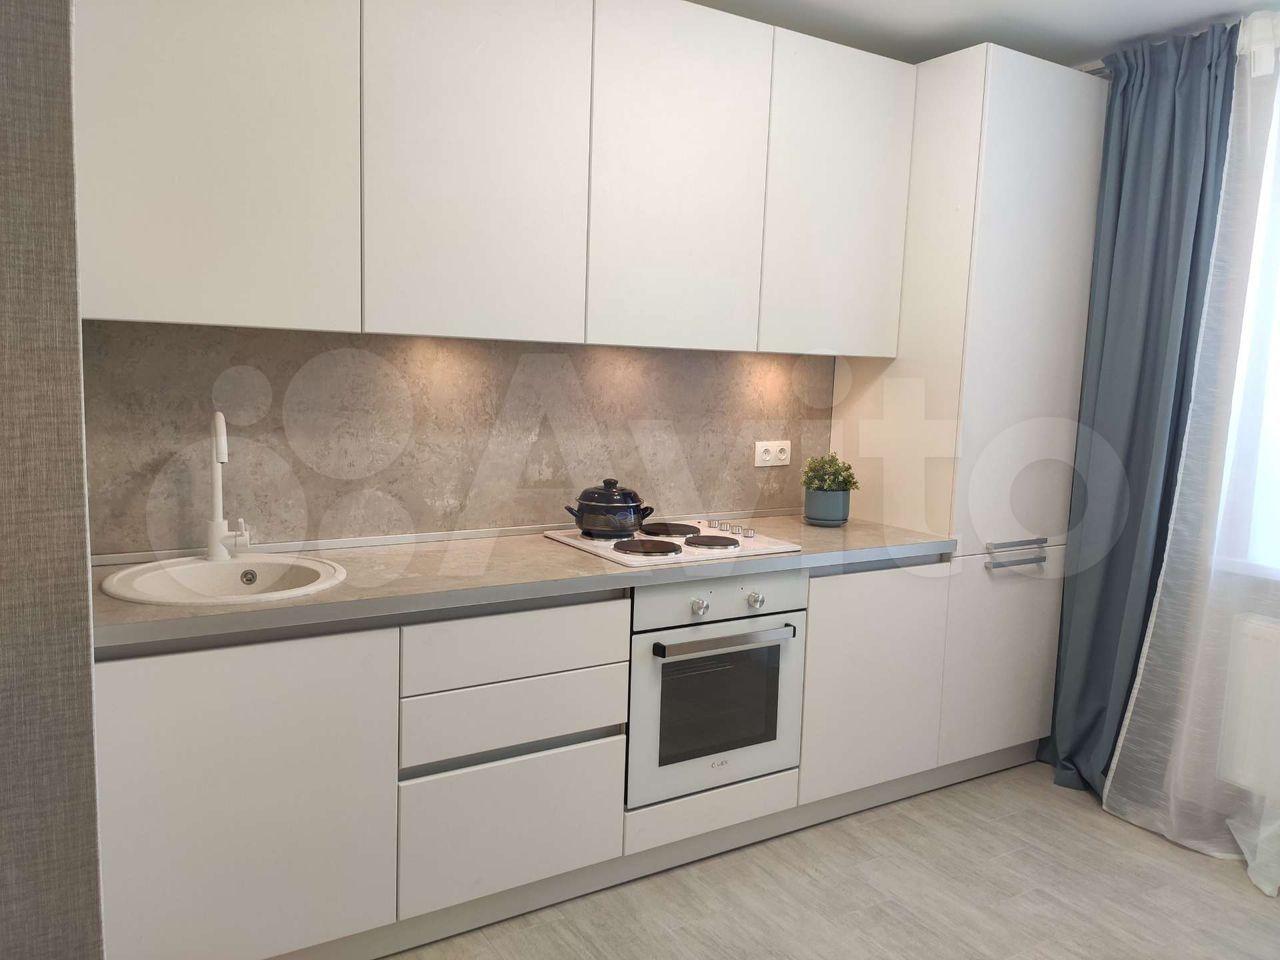 1-к квартира, 40 м², 24/26 эт.  89277393296 купить 4